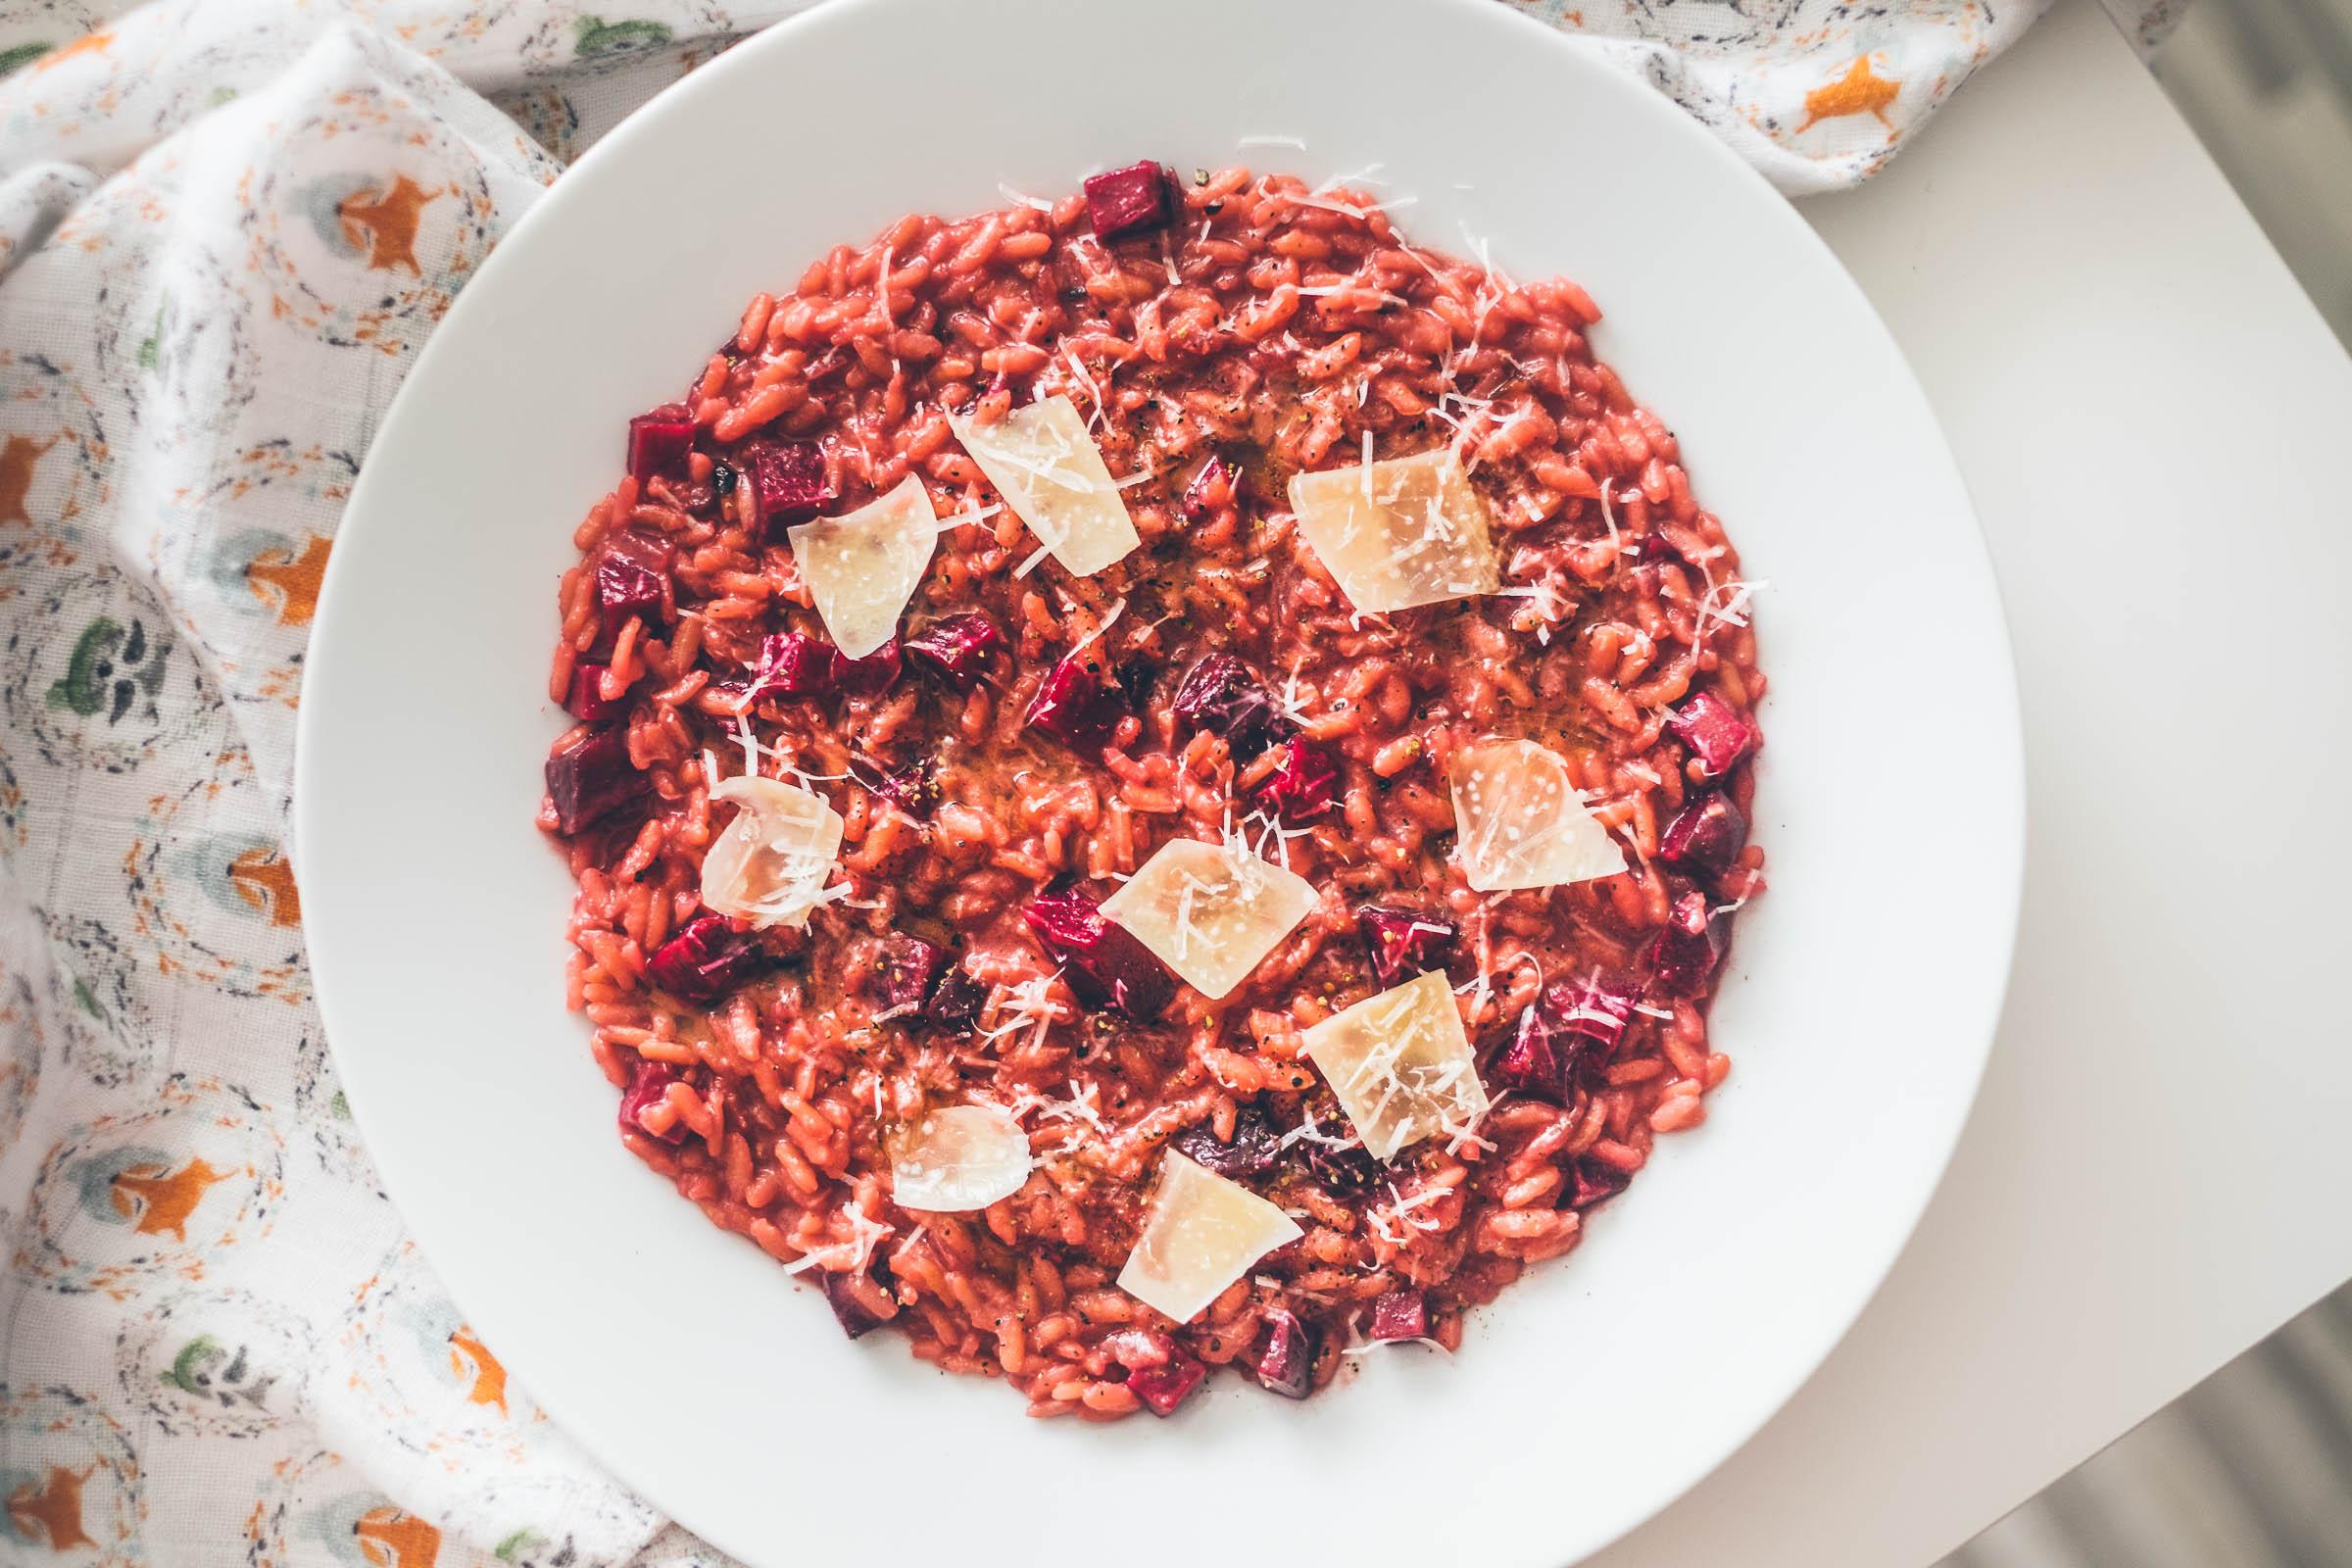 Krémové risotto sčervenou řepou